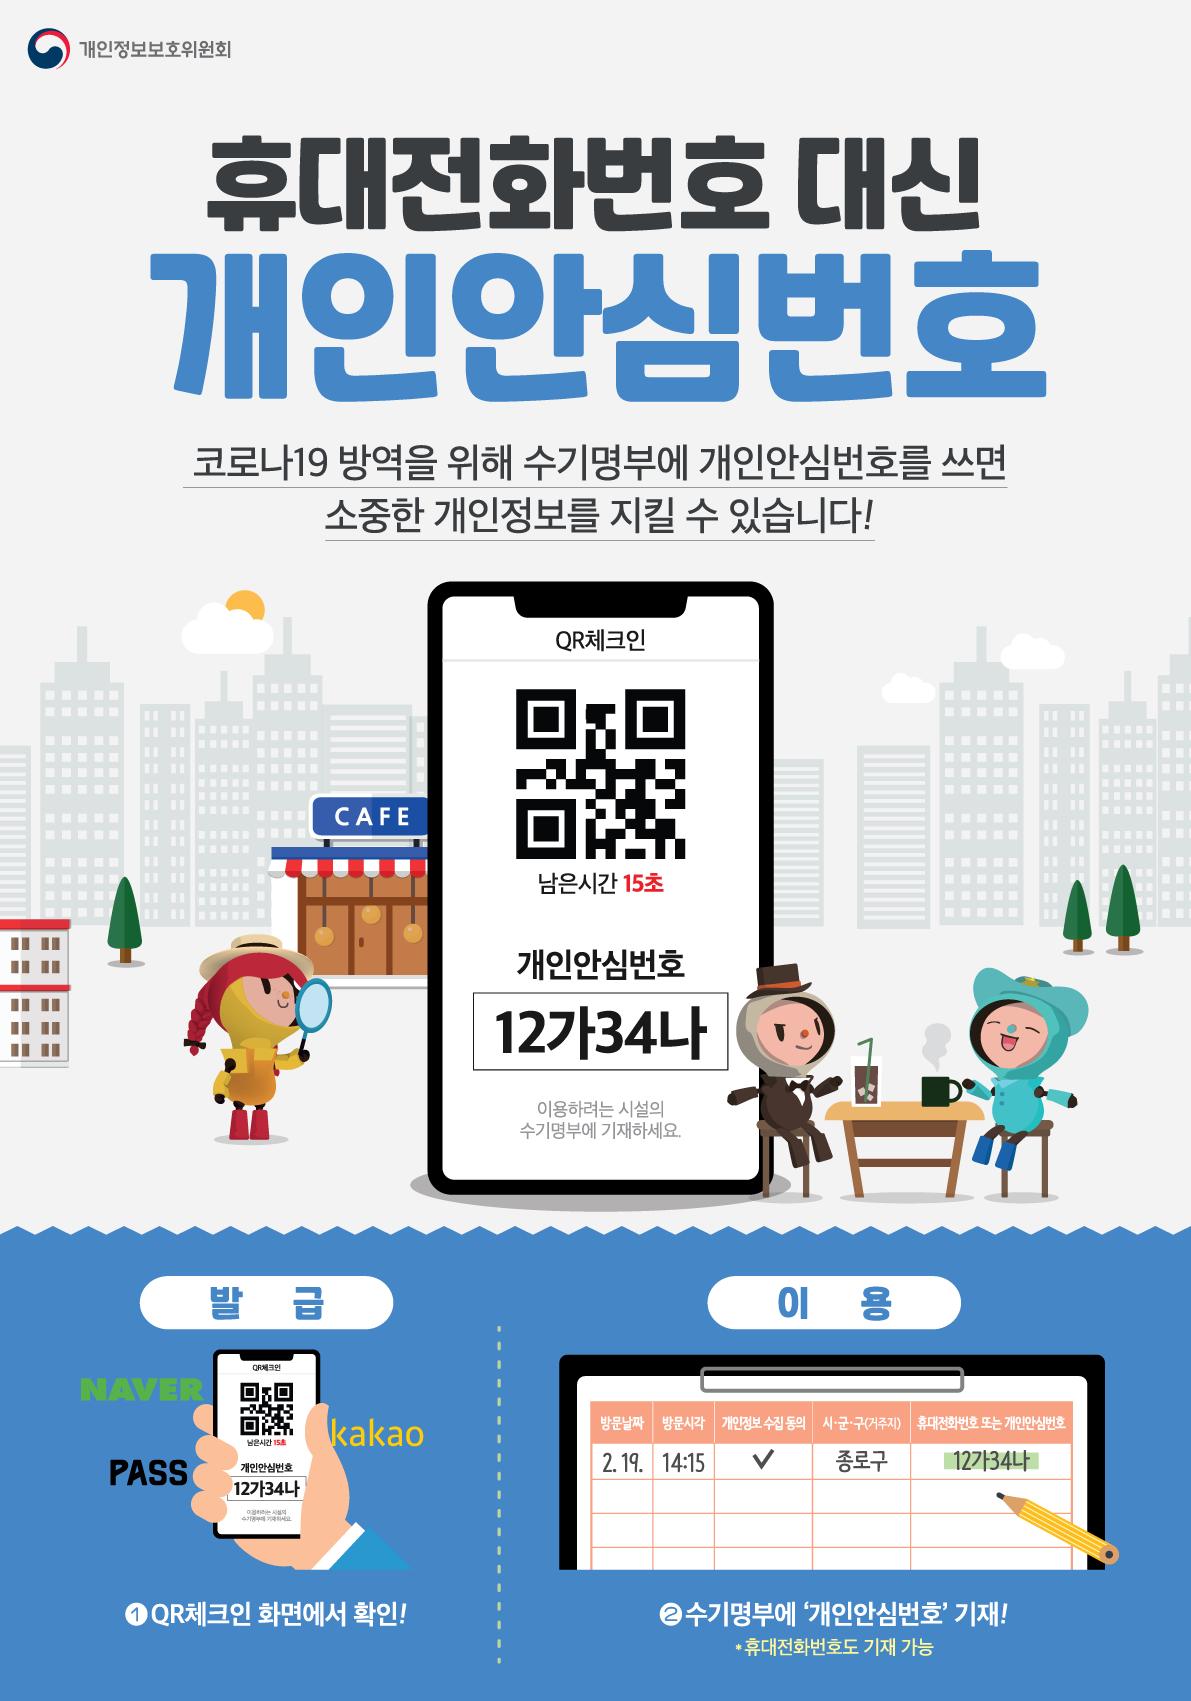 개인안심번호 홍보 포스터